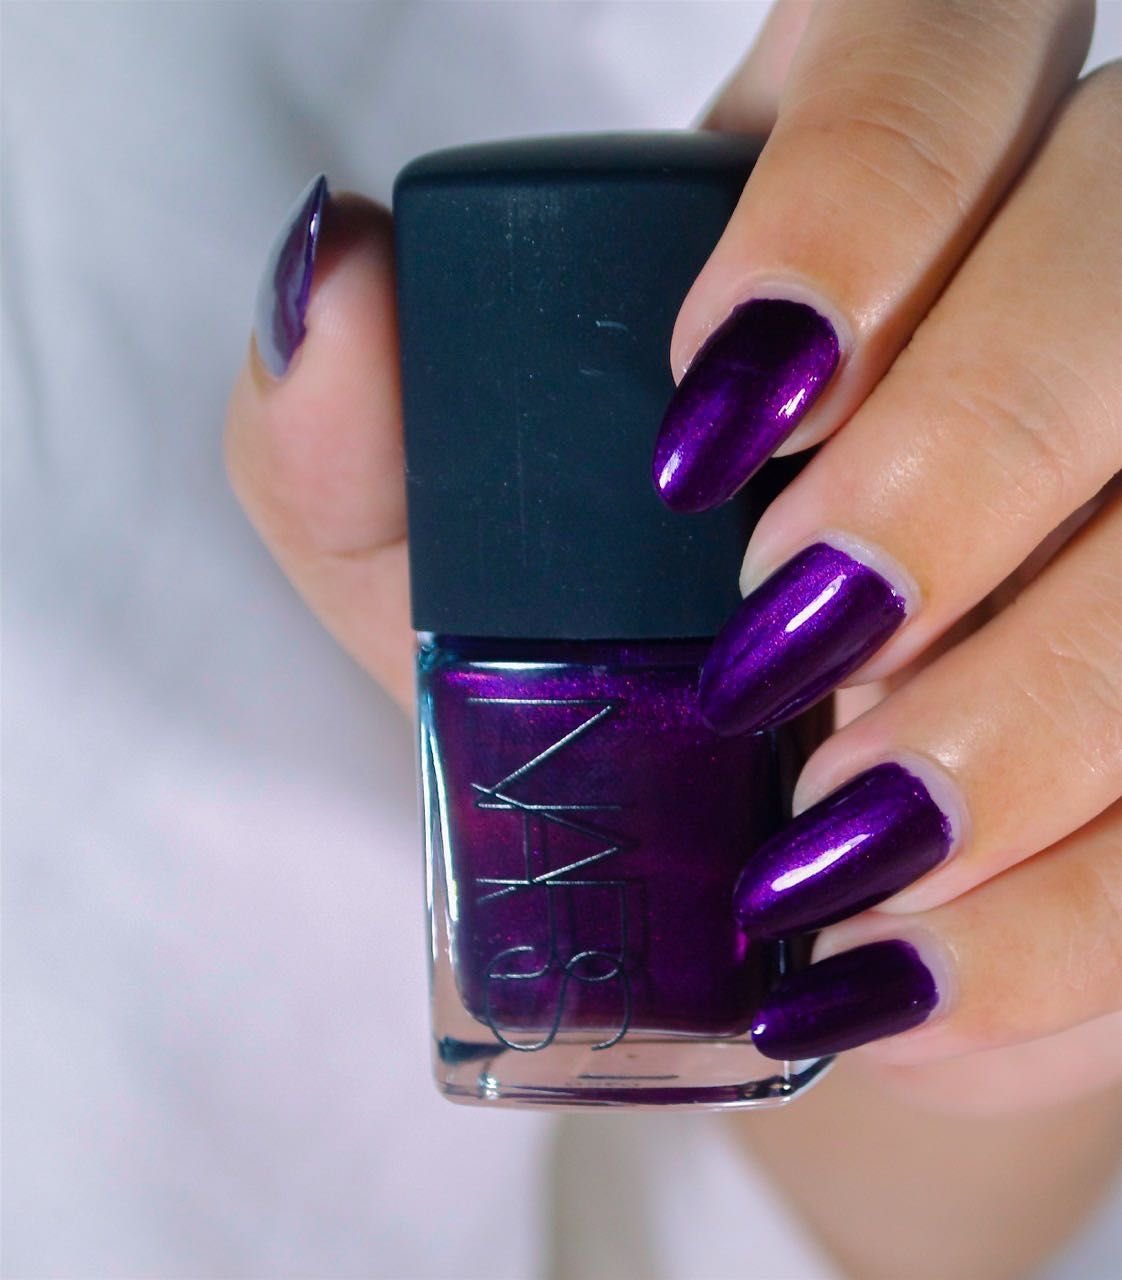 NARS Nail Polish Swatches ~ Purple Rain | Nail Art - Just Polish ...